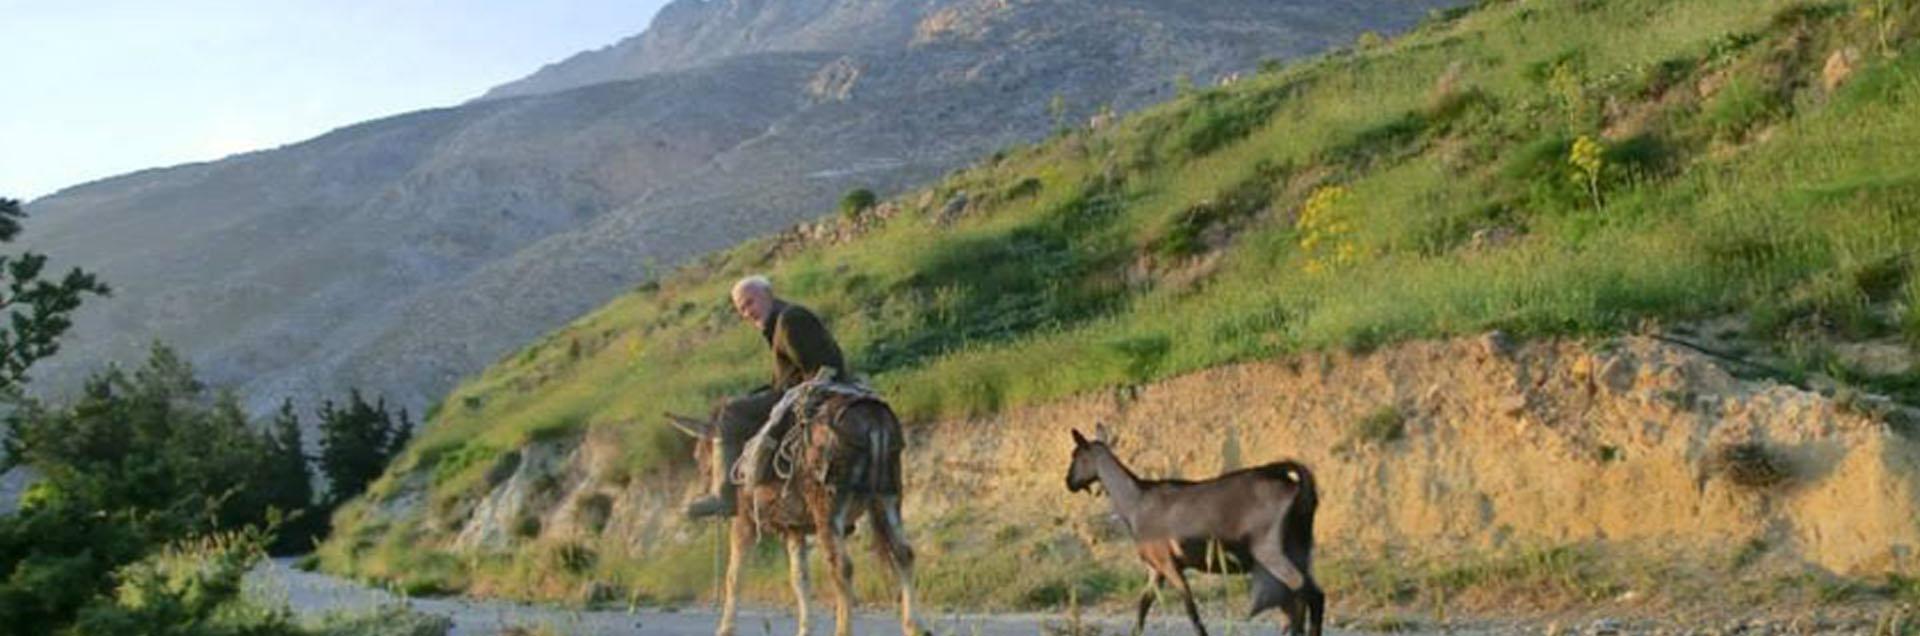 Equine Outreach